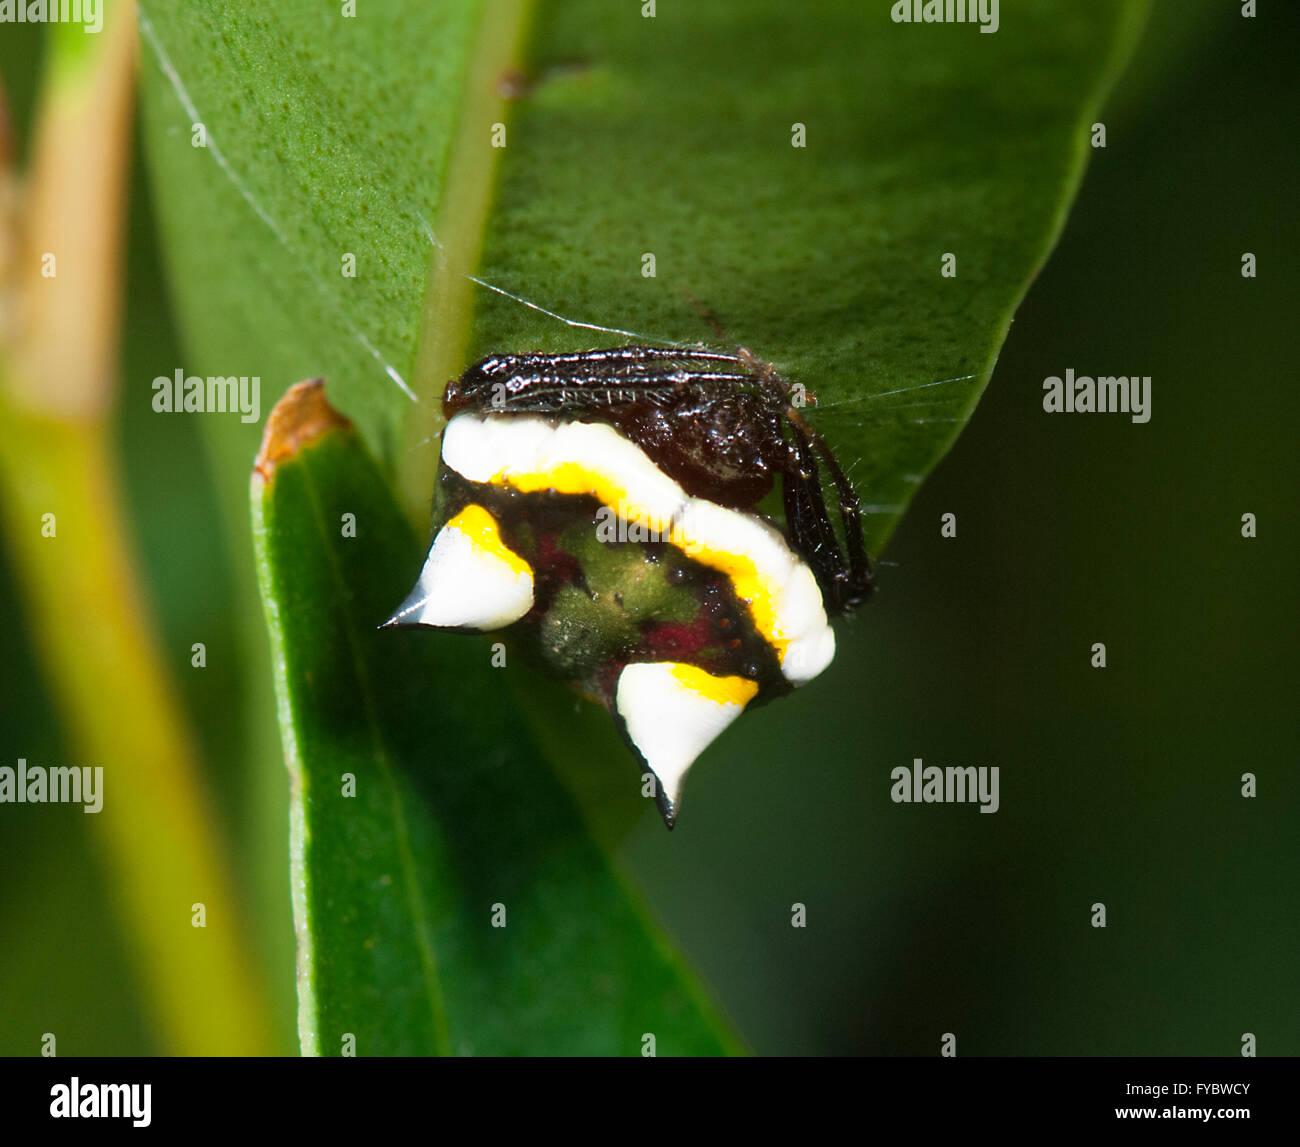 Deux épines Poecilopachys Spider (Australasie), New South Wales, Australie Photo Stock